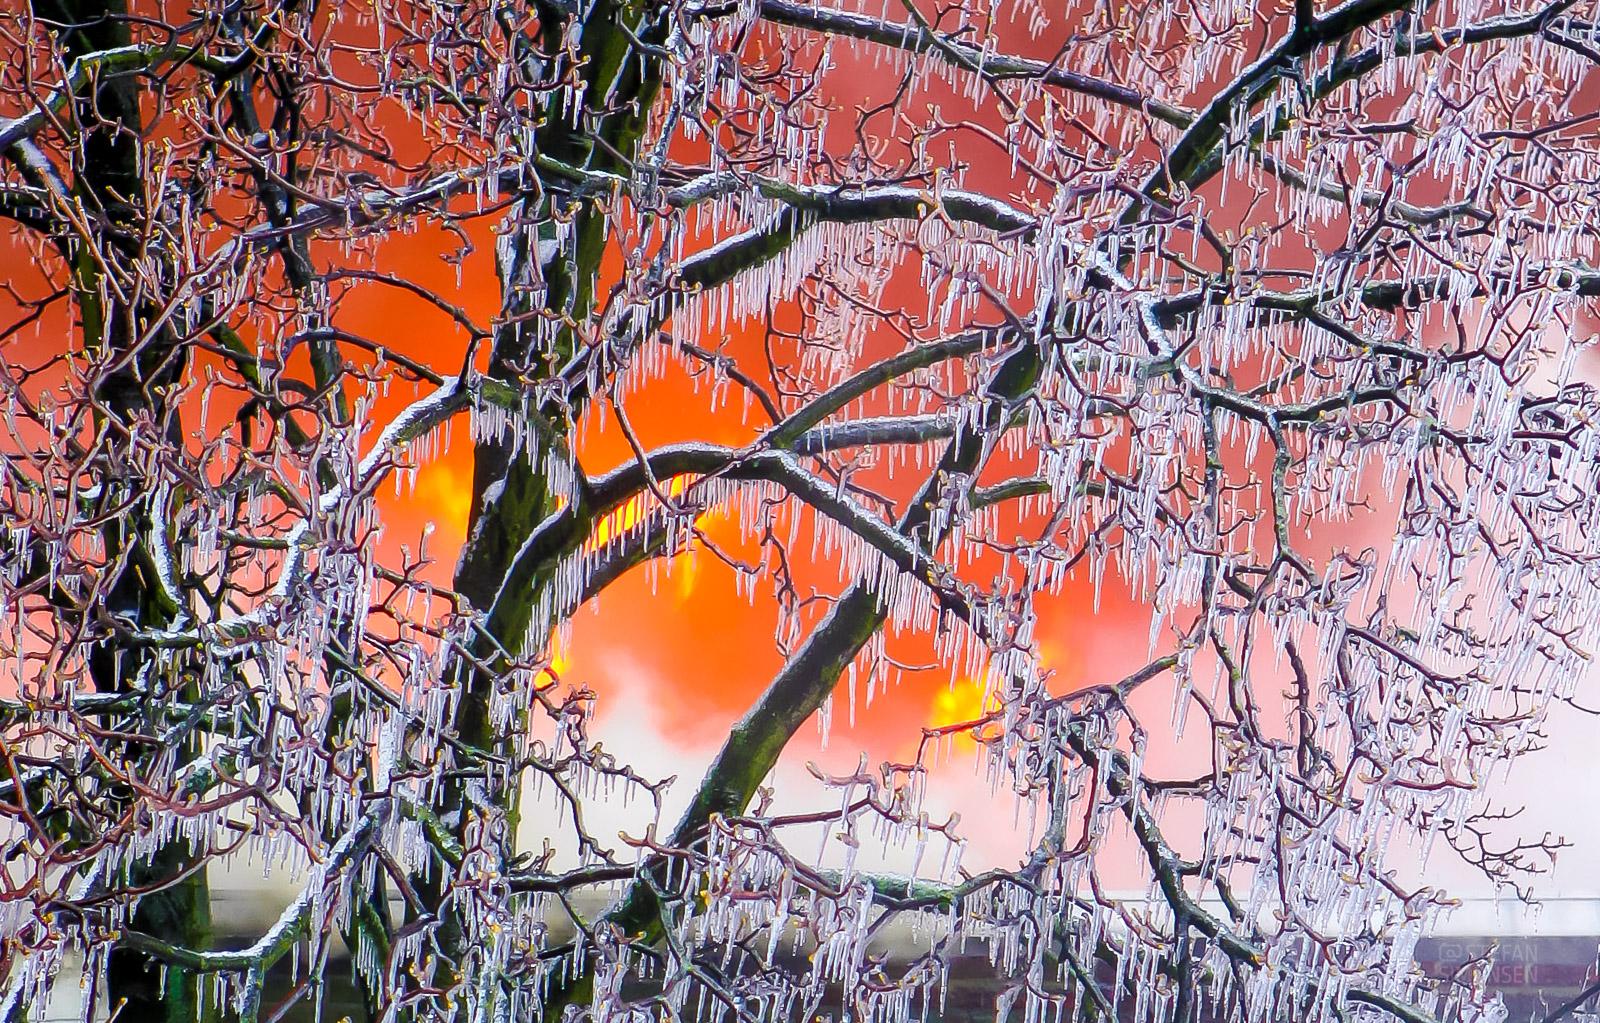 Flammen lodern hinter einem, durch Löschwasser vereisten, Baum (Foto: n112.de/Stefan Hillen)